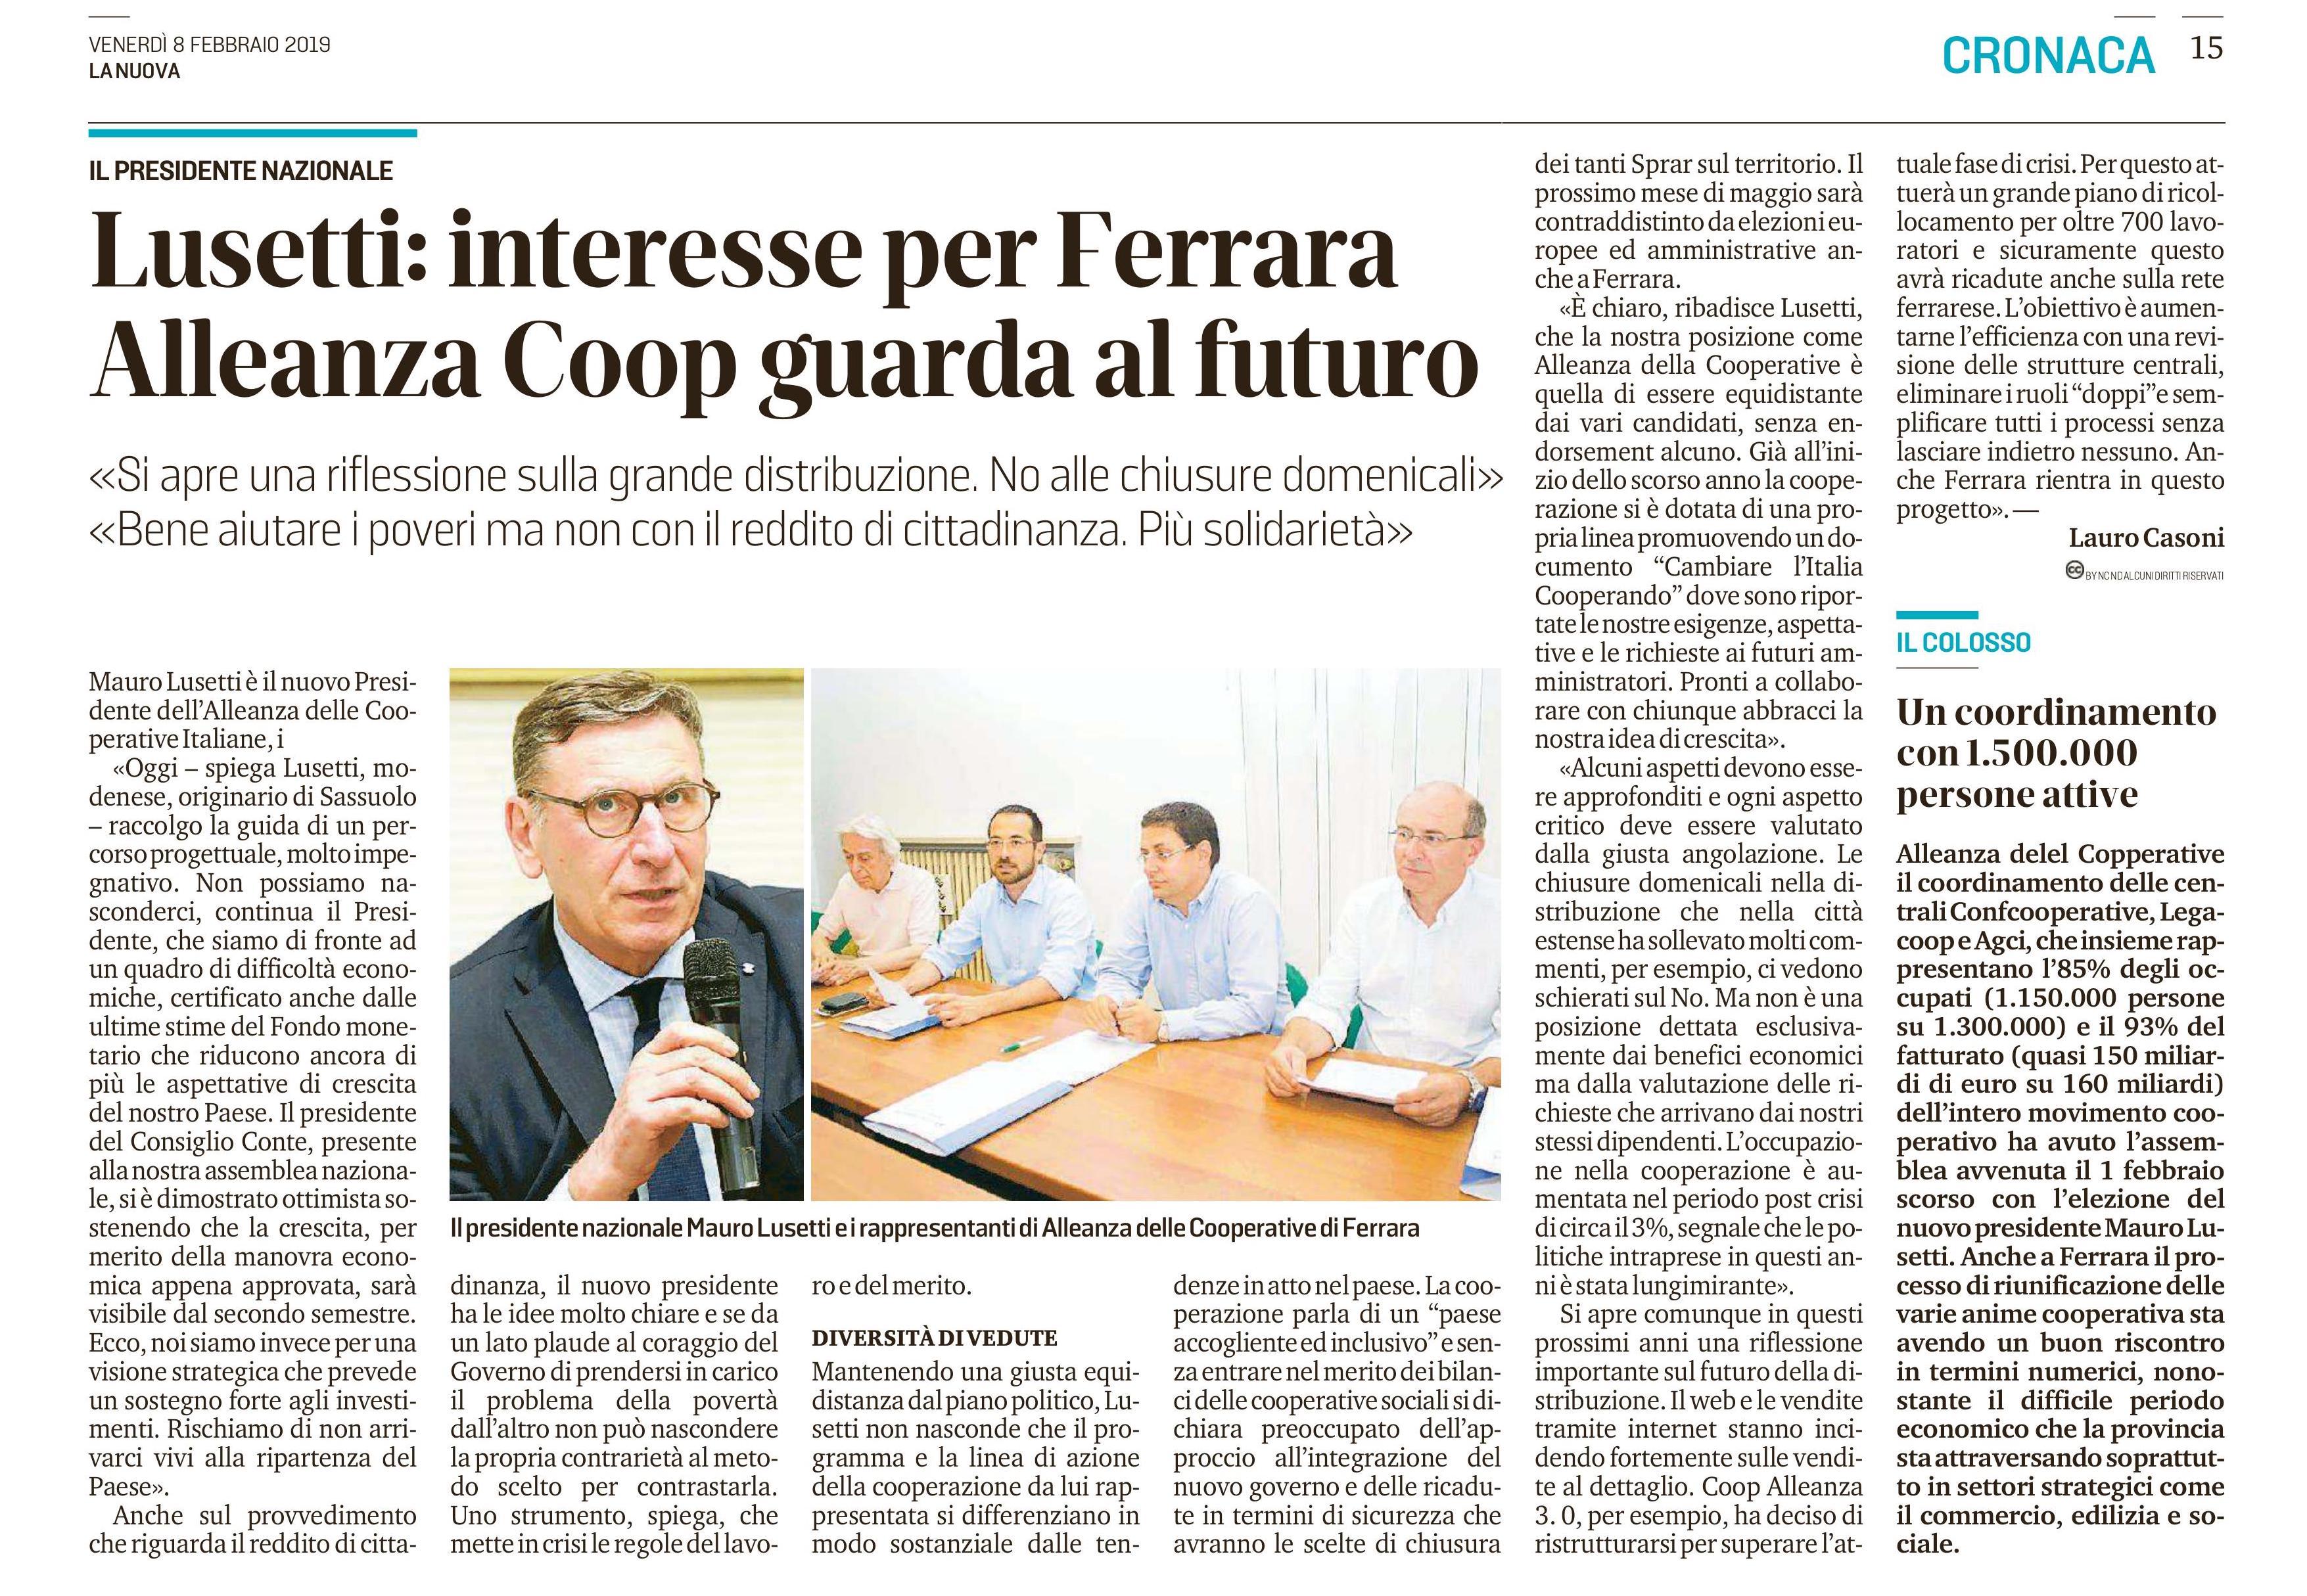 Intervista a Mauro Lusetti su La Nuova Ferrara